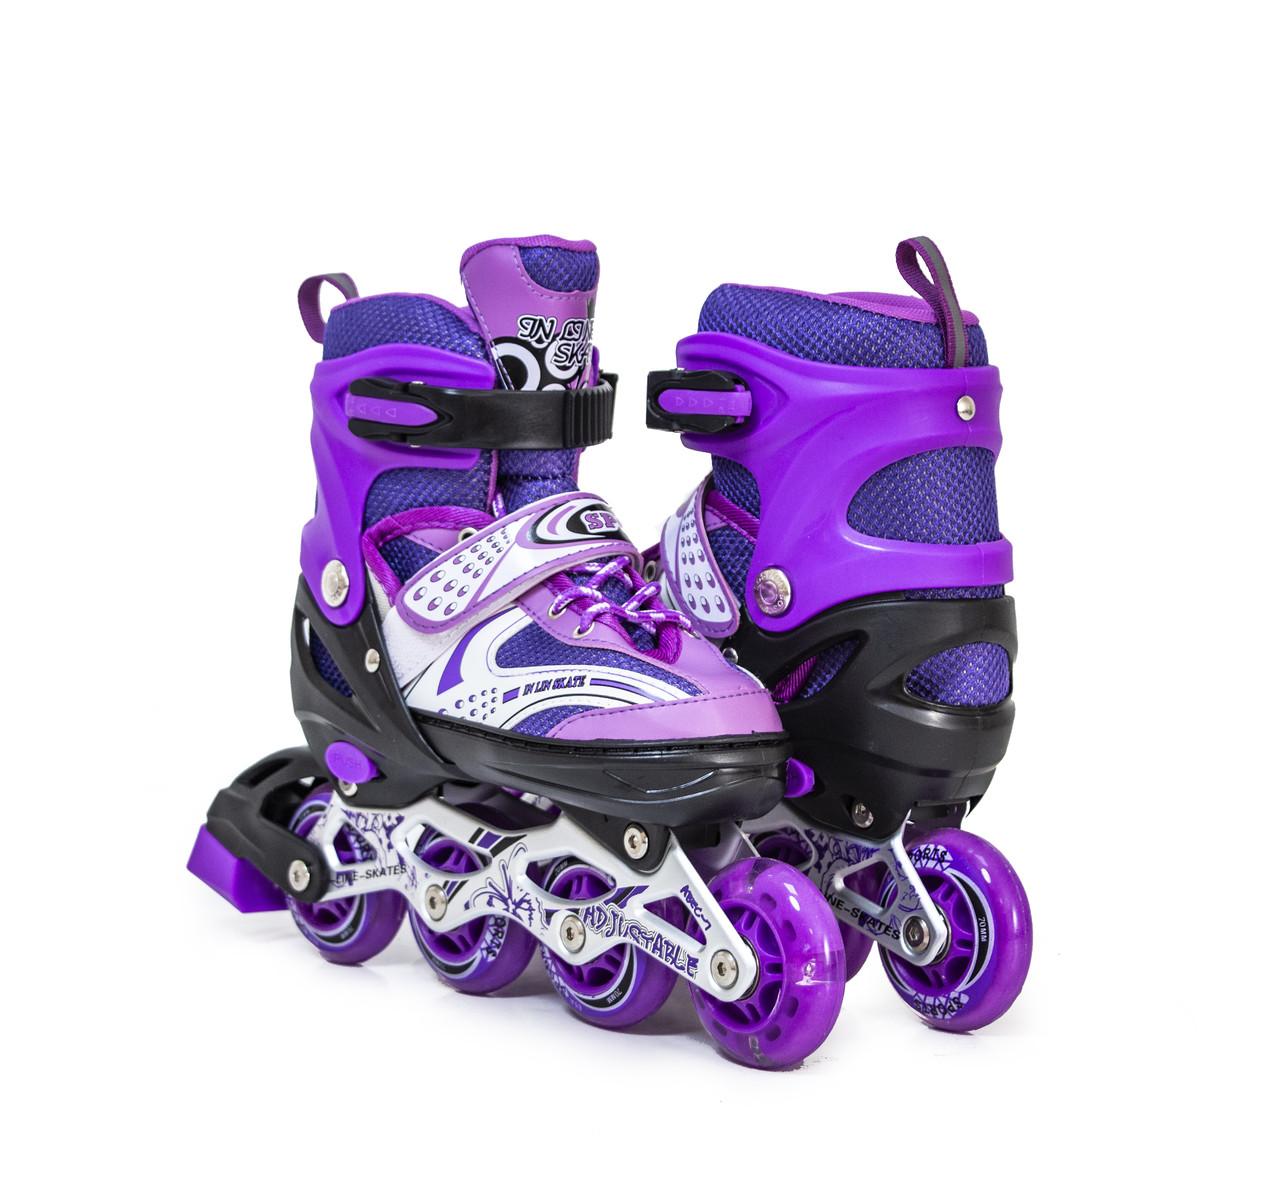 Детские ролики Happy, фиолетовый цвет, размер 29-33